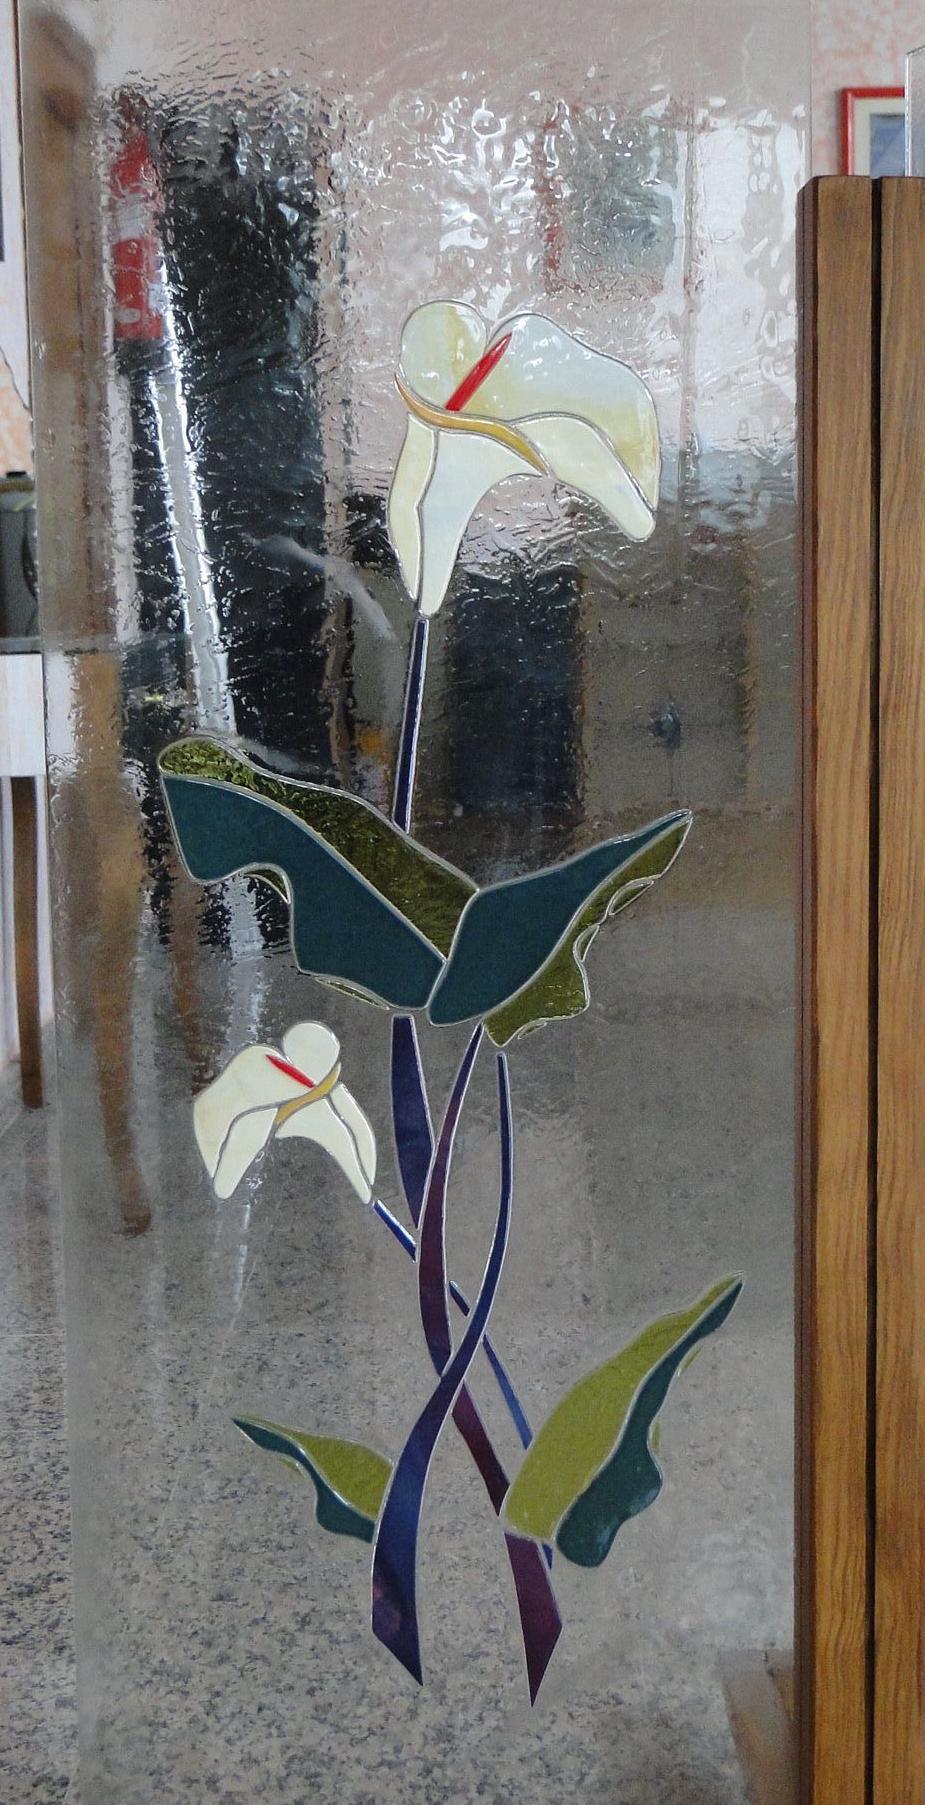 Vidrios puertas interiores productos y servicios de for Vidrios decorados para puertas interiores